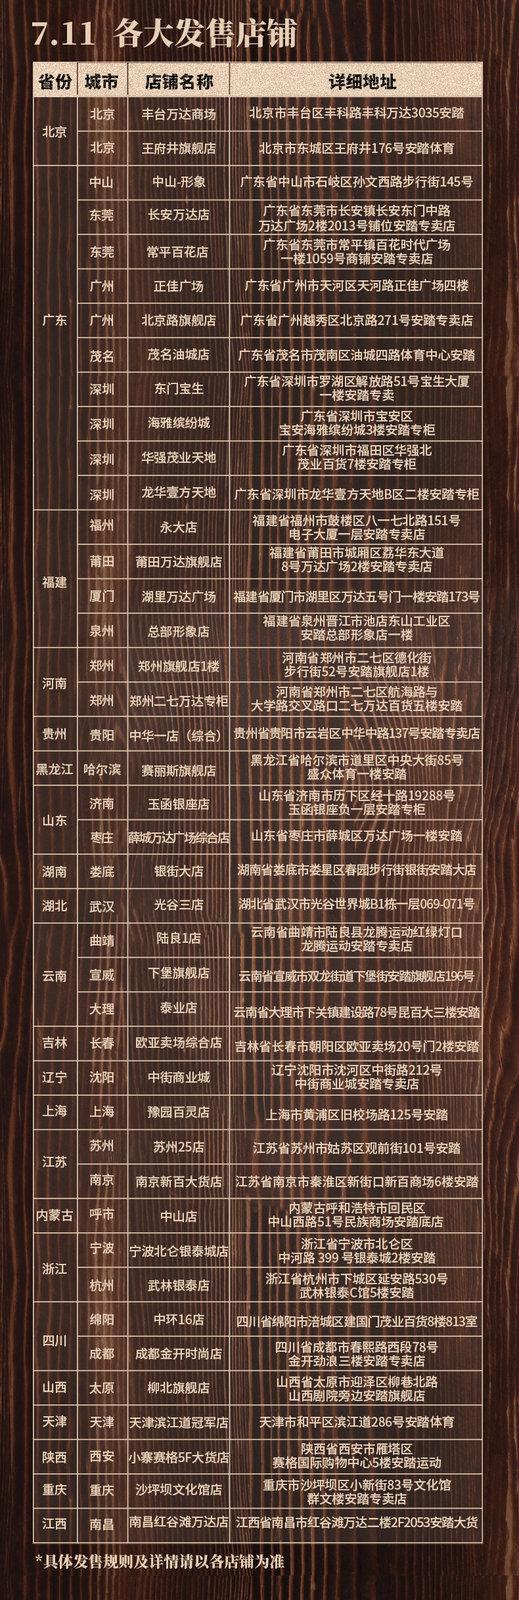 KT5,安踏,发售  标配奢华木盒,你猜卖多少钱?中国风刮刮乐新鞋周五发售!